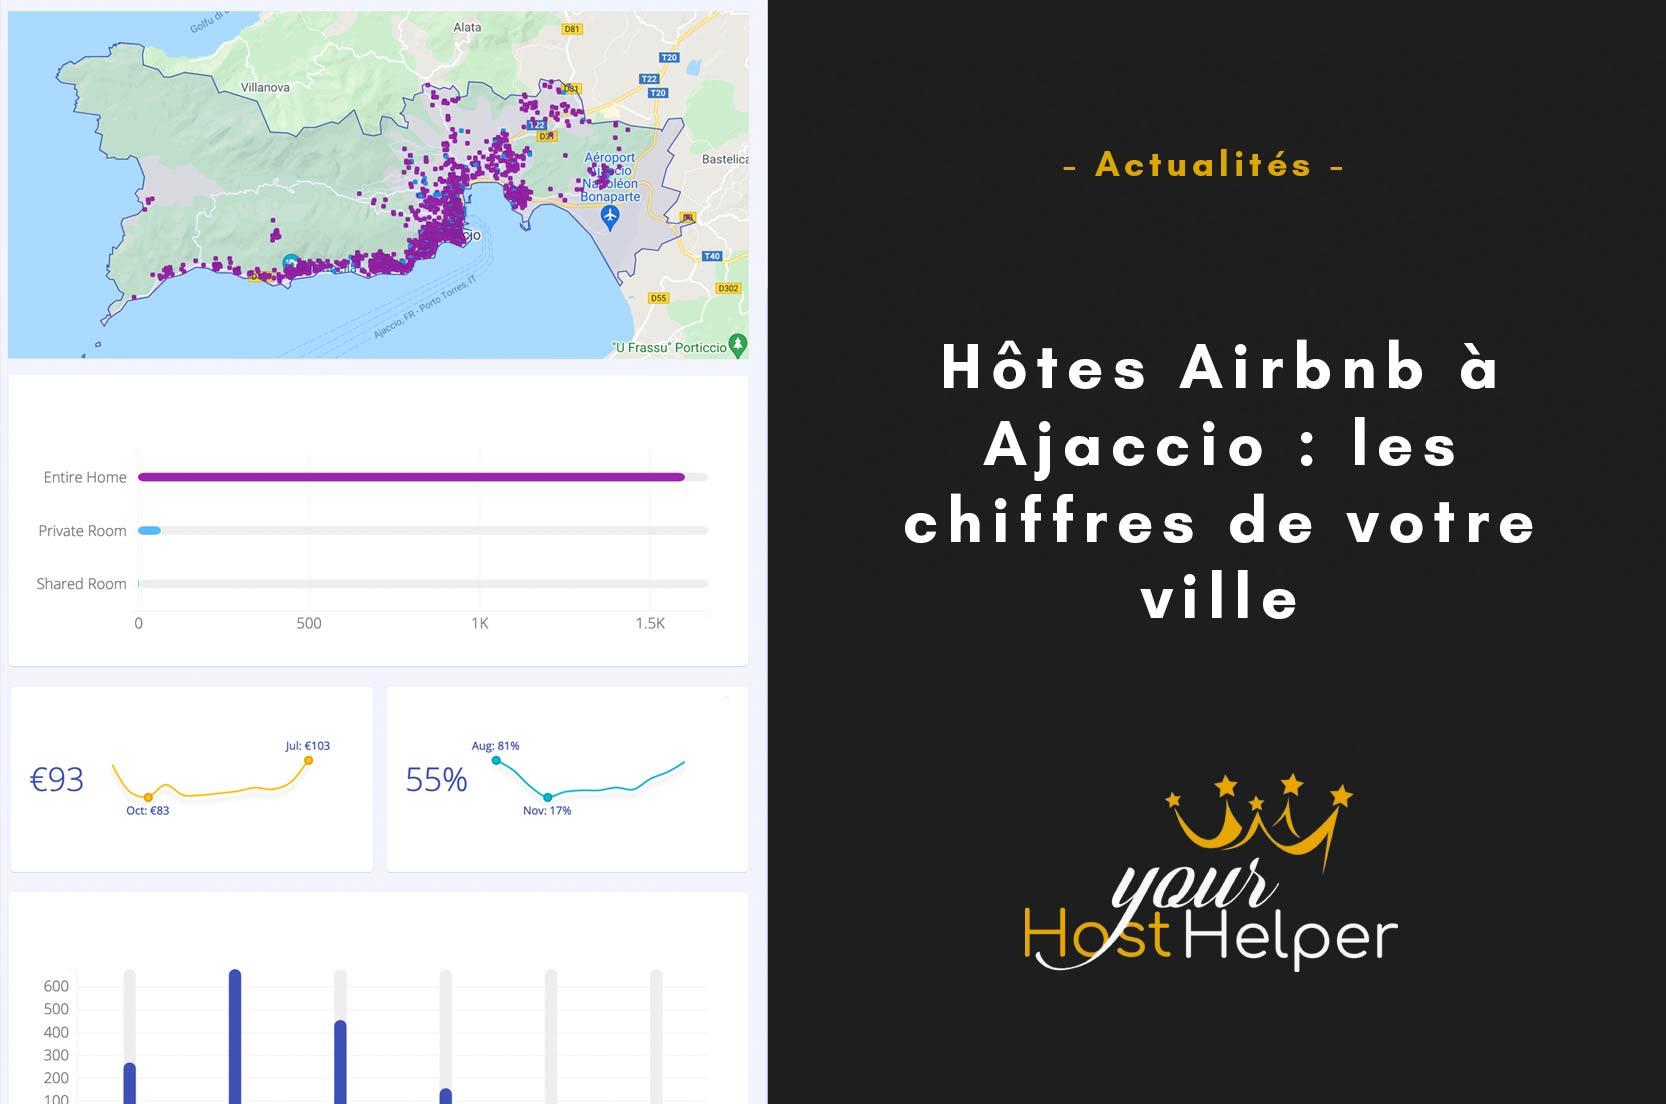 Hôtes Airbnb à Ajaccio : les chiffres de votre ville